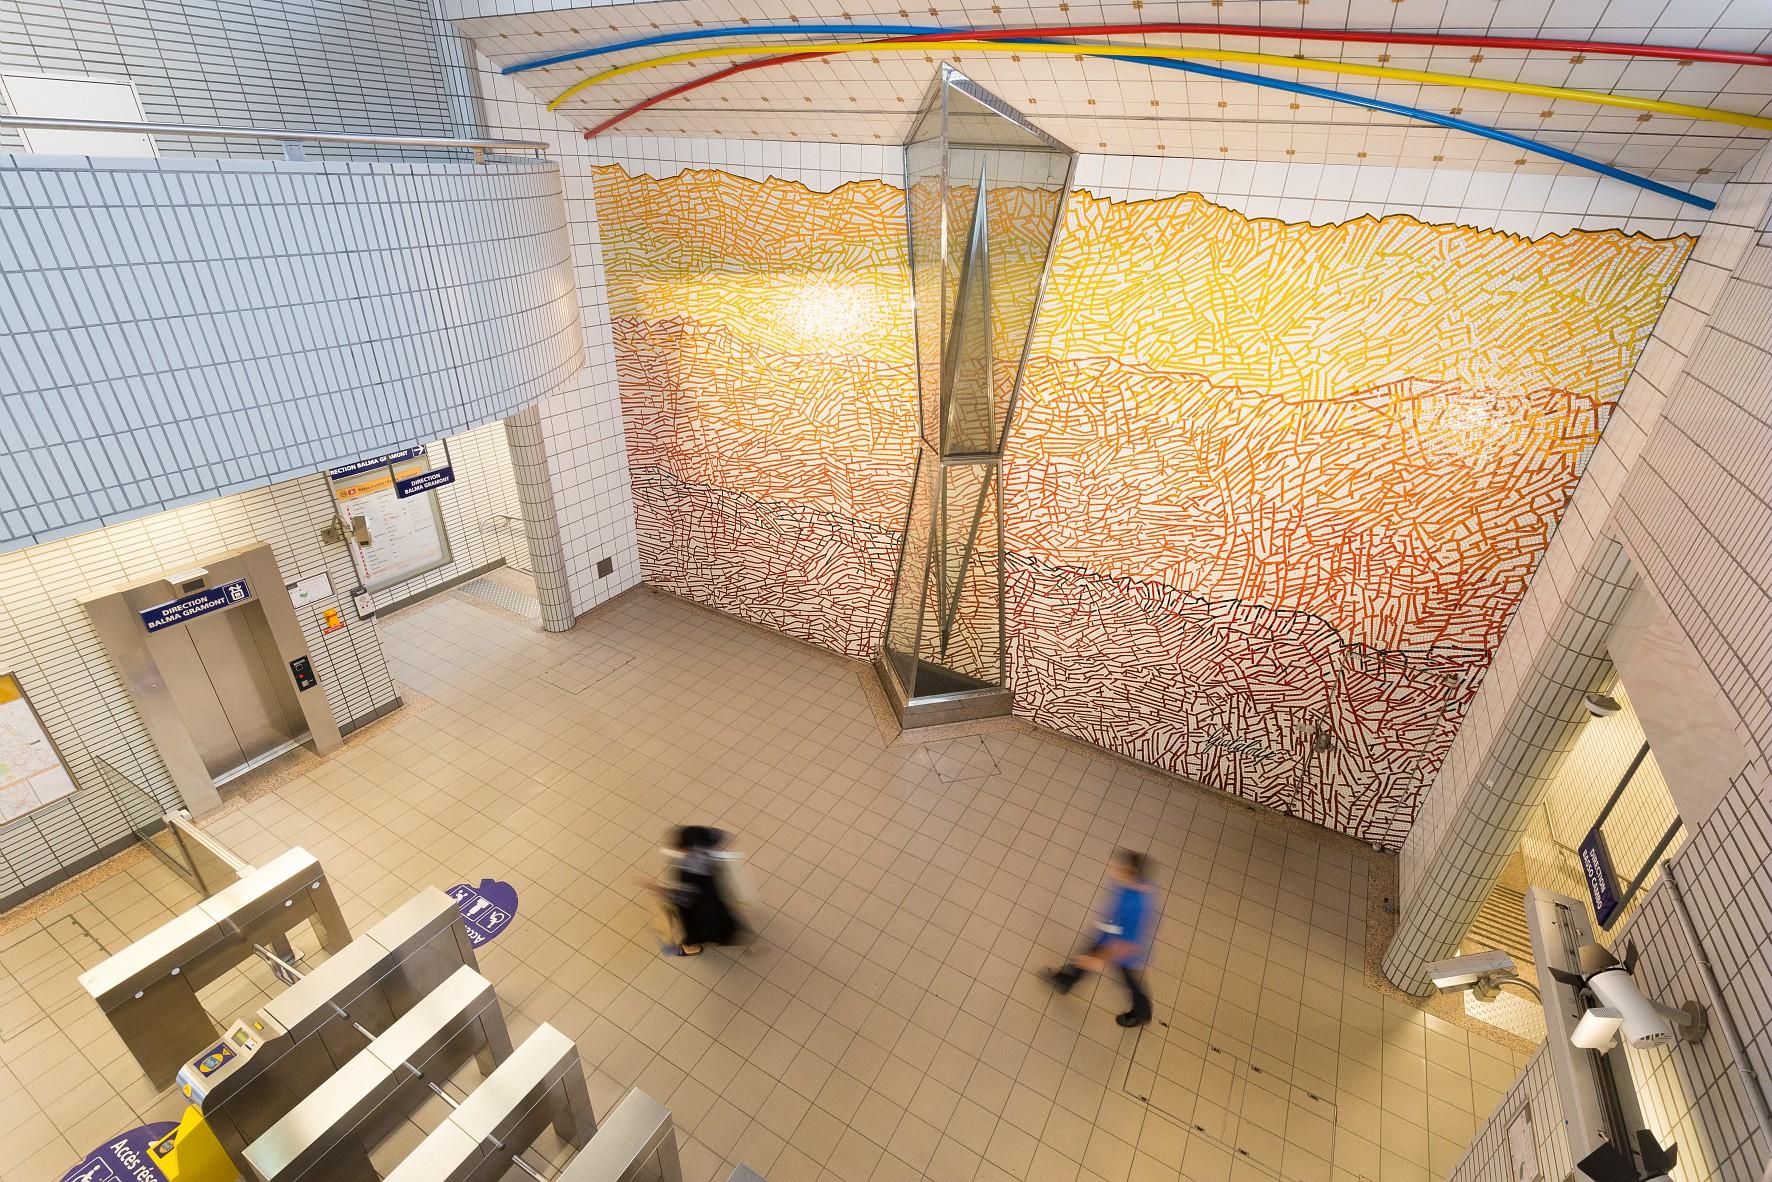 oeuvre d'art à la station Bellefontaine du métro de toulouse